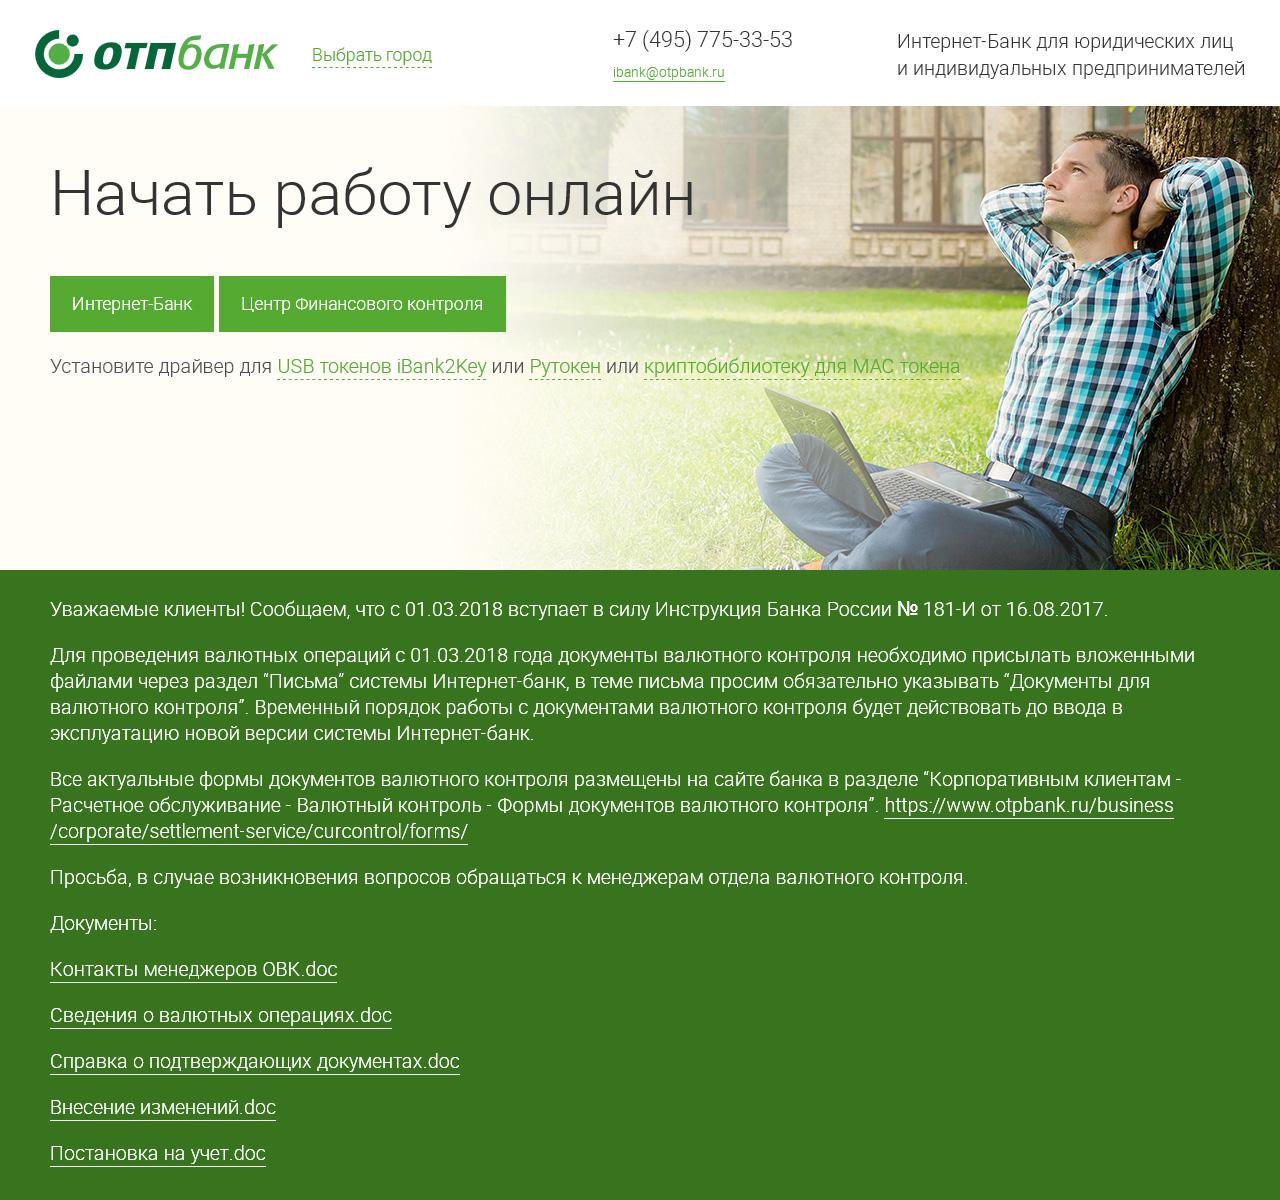 ibank.otpbank.ru личный кабинет для бизнеса